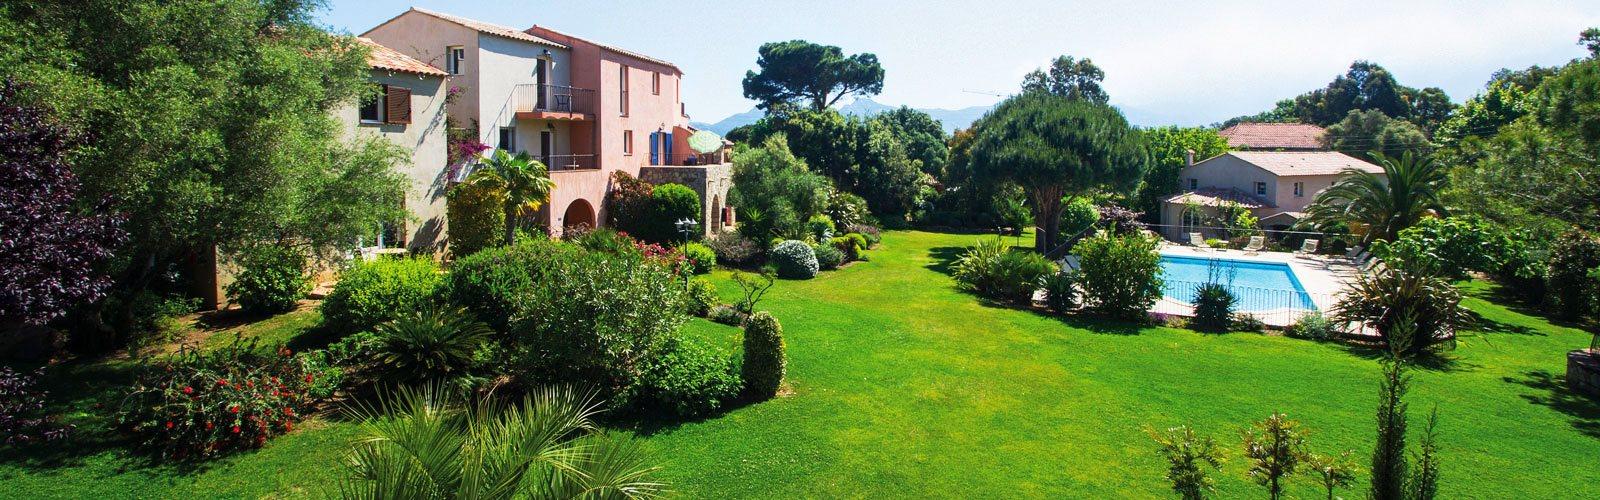 Prächtige Gartenanlage mit Pool und Ferienwohnungen in Calvi